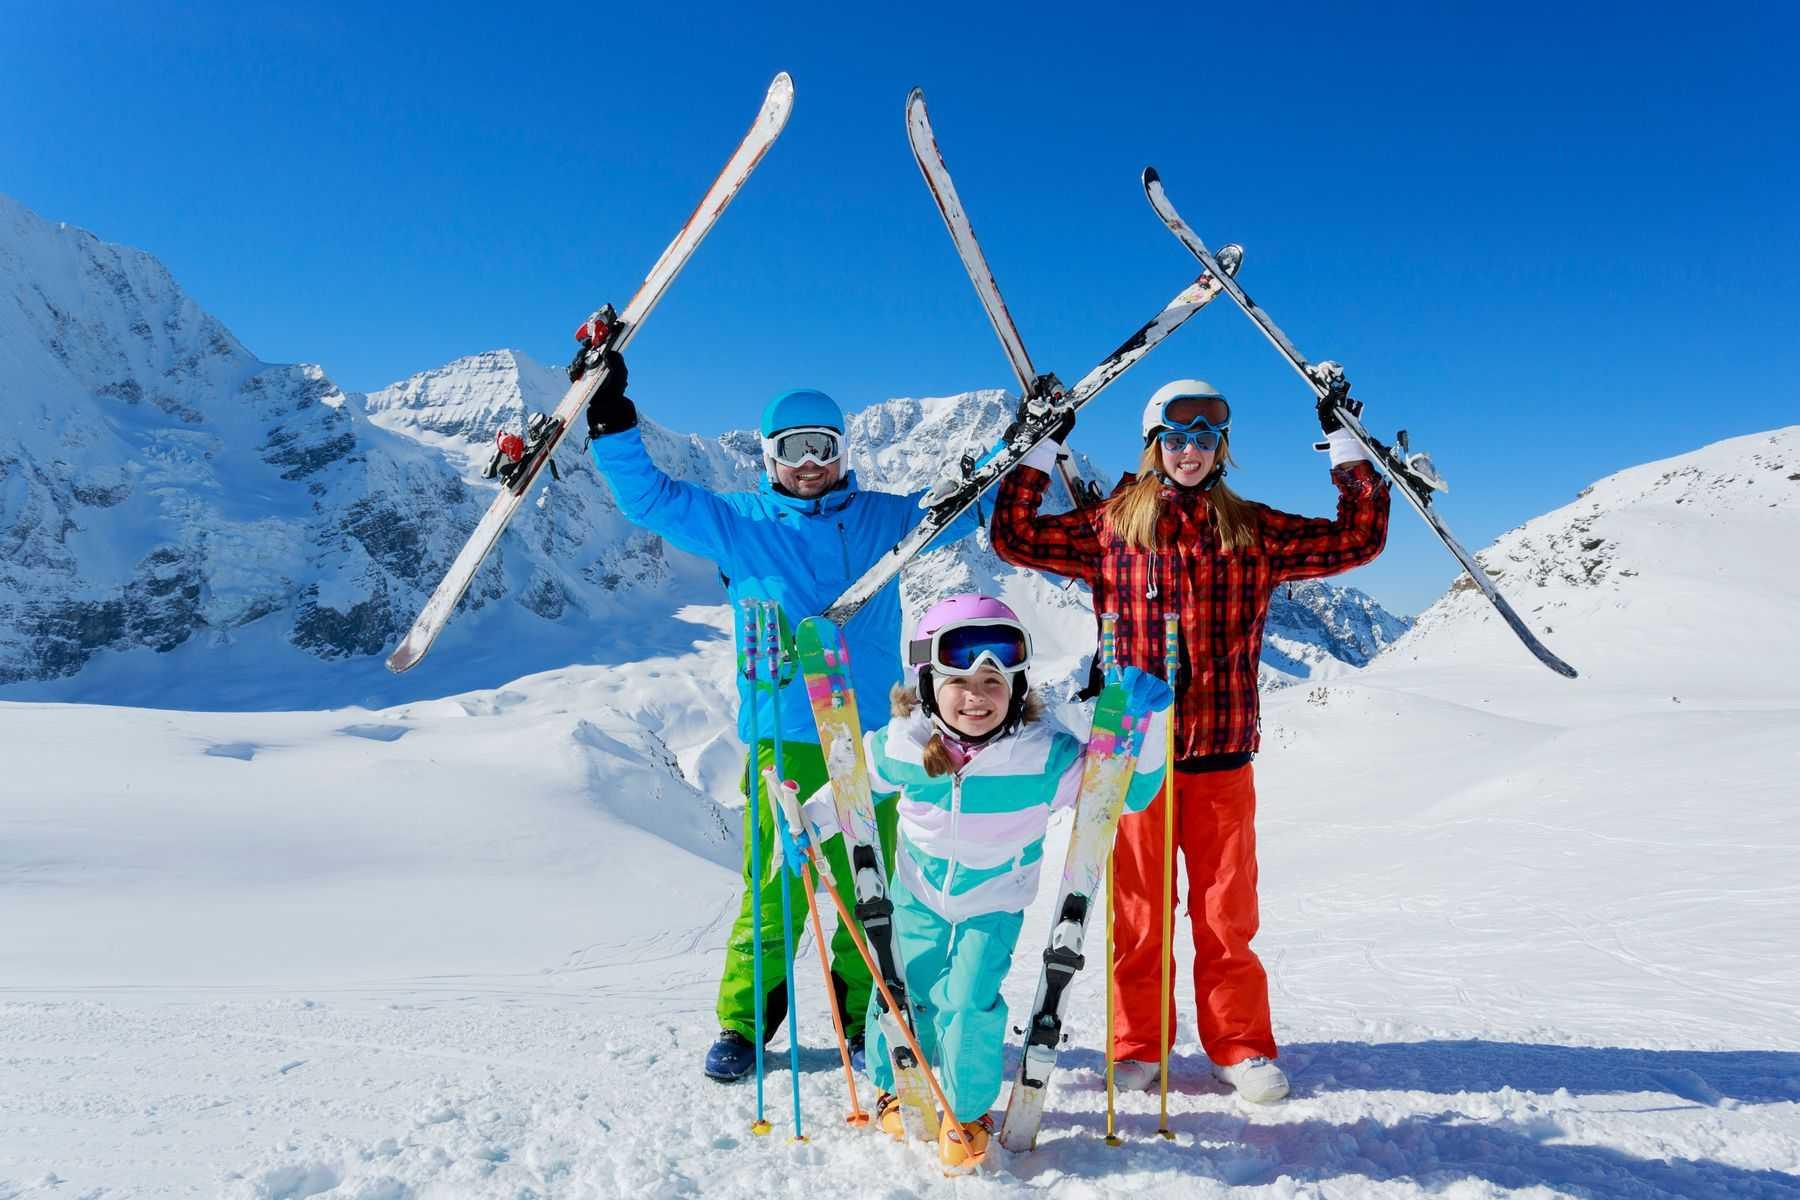 IŠSKIRTINIS PASIŪLYMAS! Keliaukite slidinėti į Andorą ir slidinėjimo įrangos gabenimas bus NEMOKAMAS! Vietų skaičius ribotas!